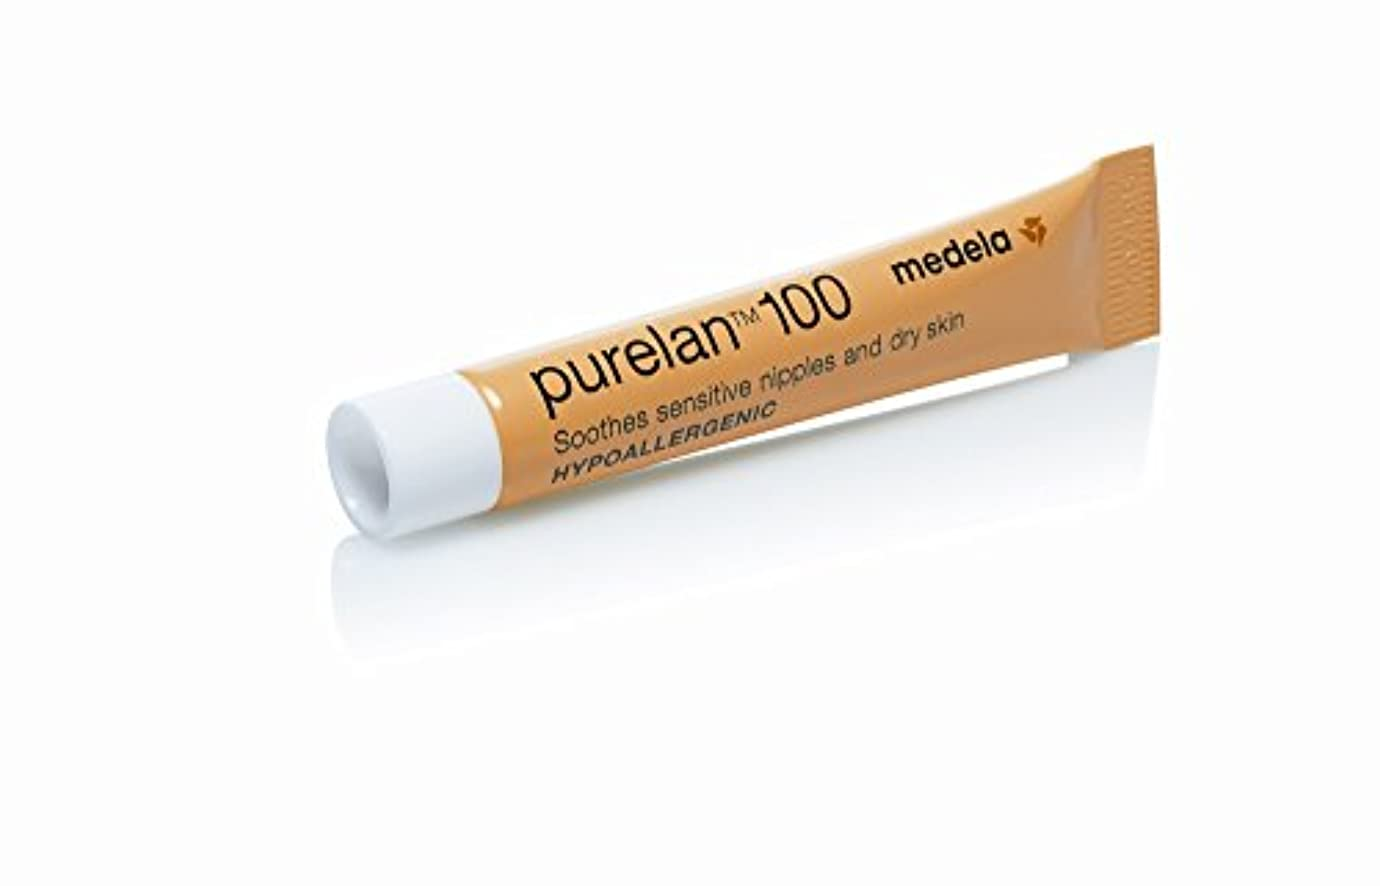 不健全自体受付Medela メデラ 乳頭保護クリーム ピュアレーン100 7g 天然ラノリン 100% (008.0018)